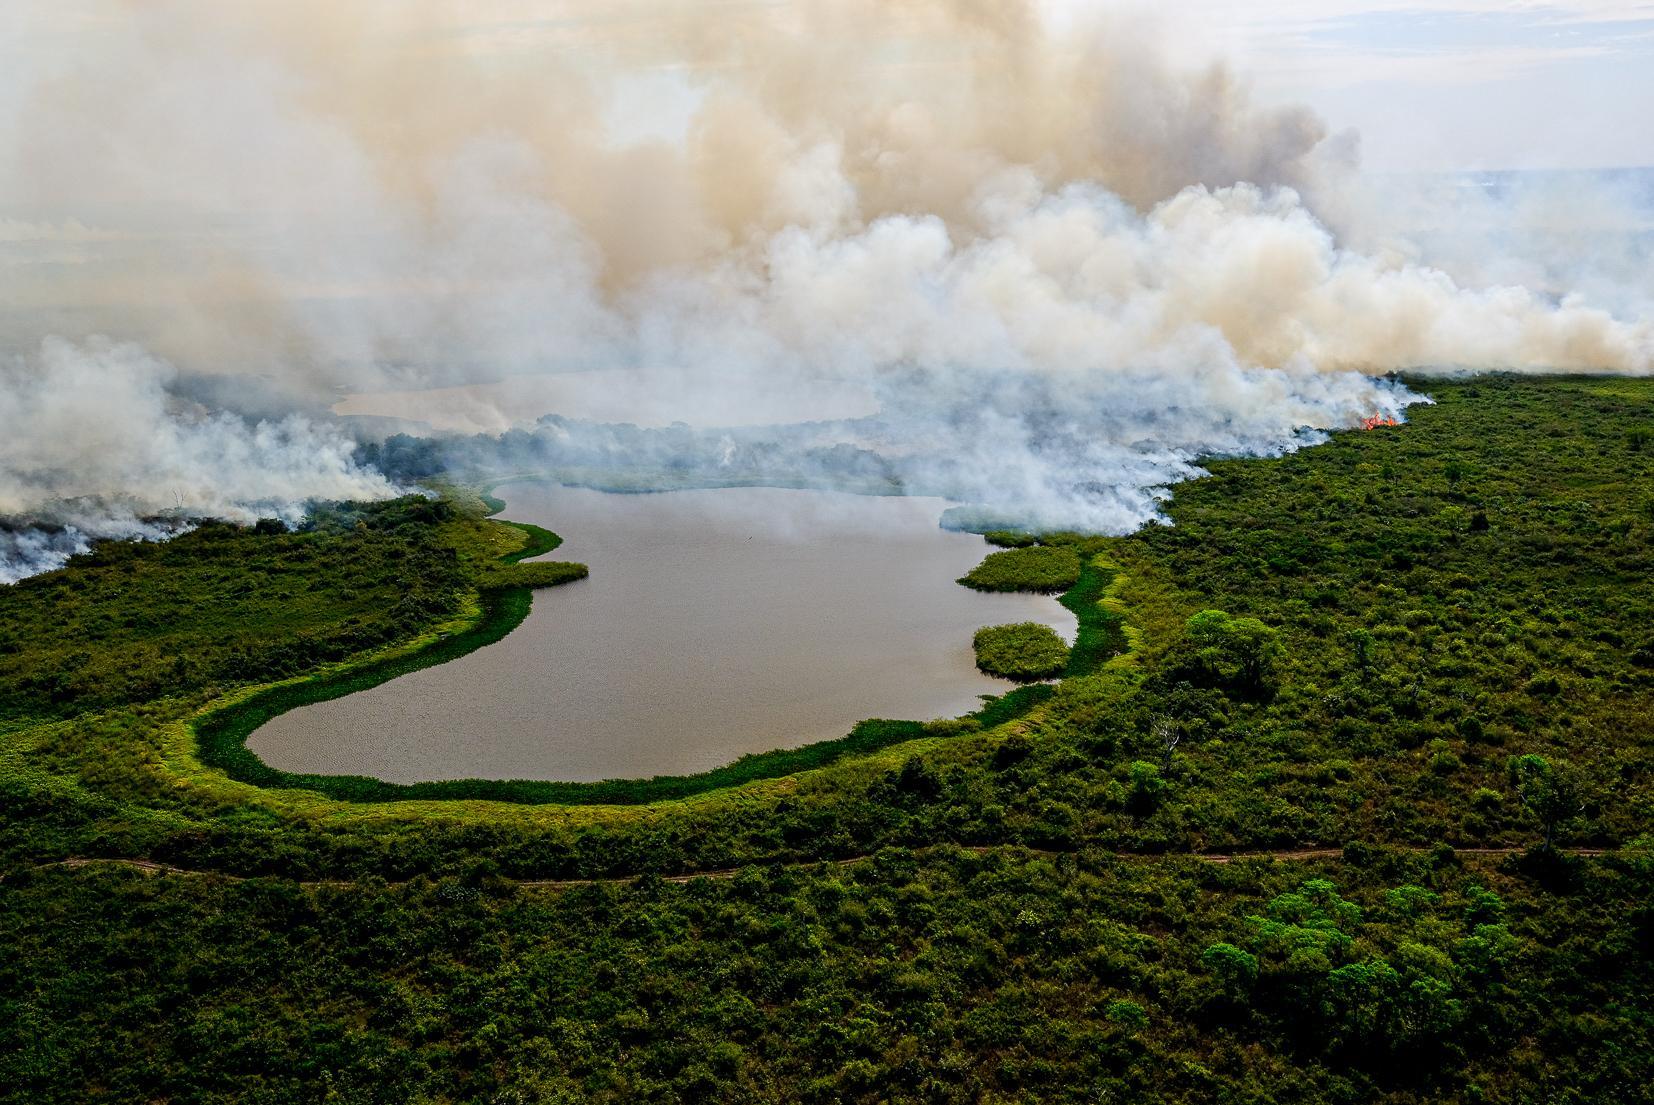 Fogo avança sobre o Pantanal e destrói tudo que encontra pelo caminho